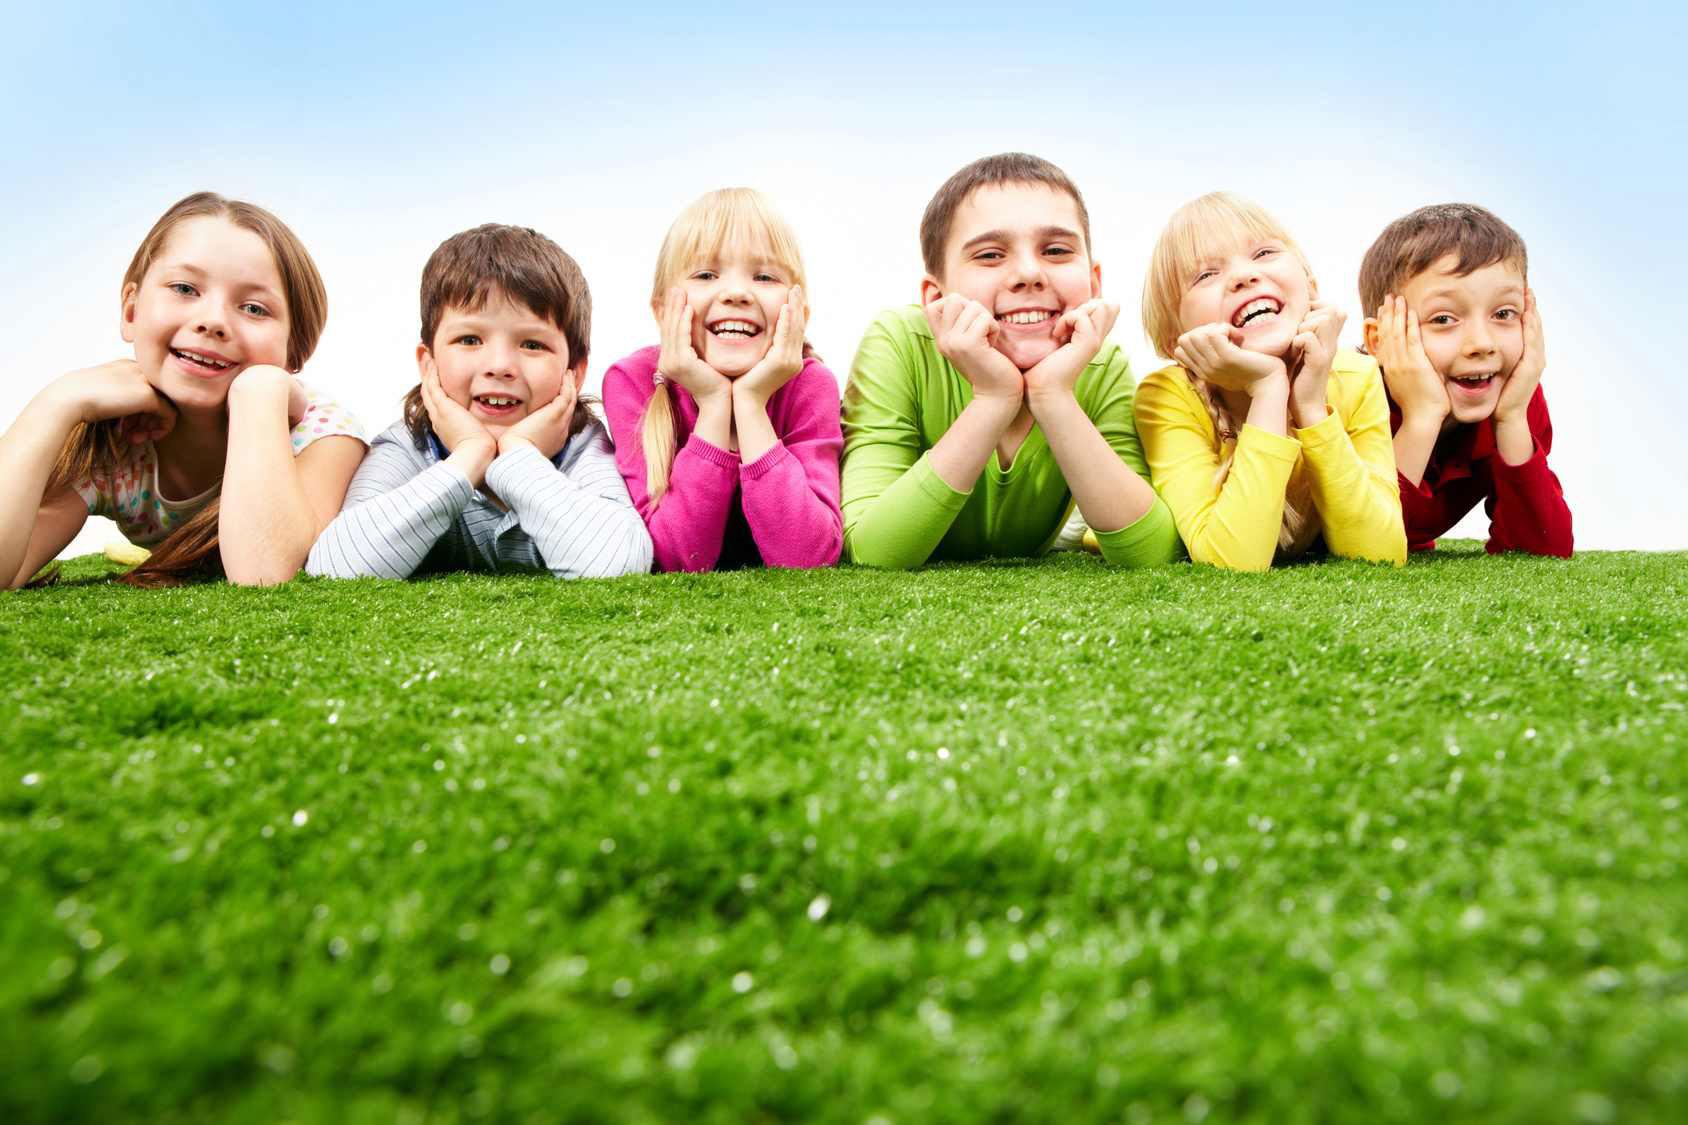 Оздоровлення та відпочинок дітей  в Центрі реабілітації для дітей «Сергіївка»